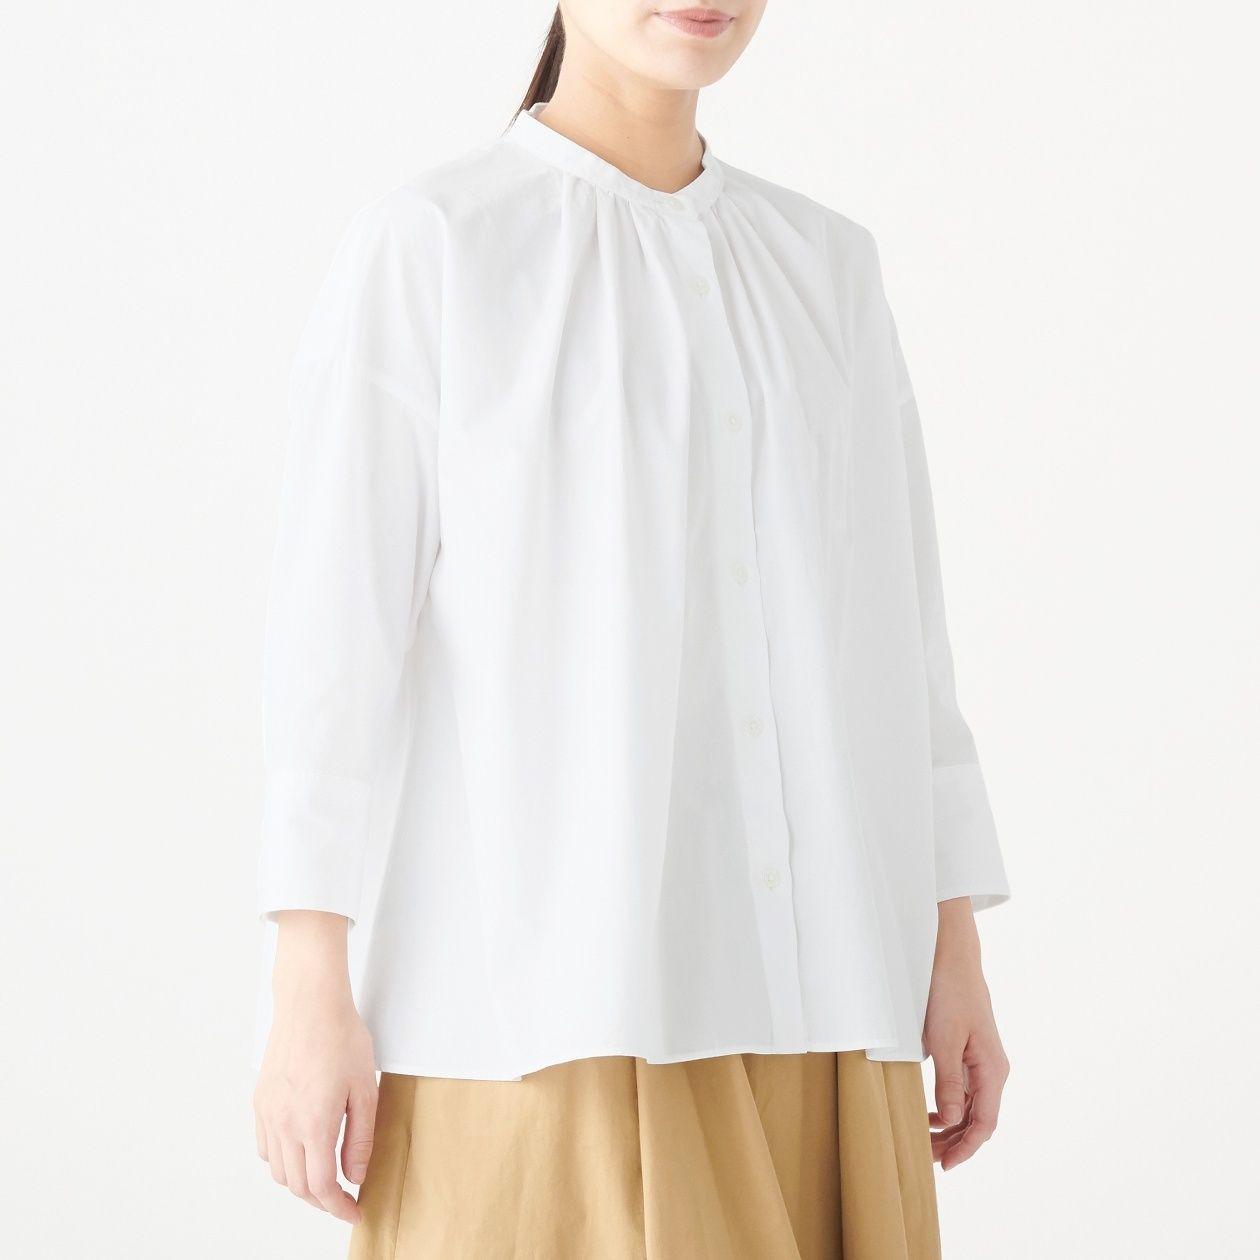 [무인양품] 면 100% 워싱 브로드 7부 블라우스 여성XS~S・흰색 MUJI 일본 공식스토어